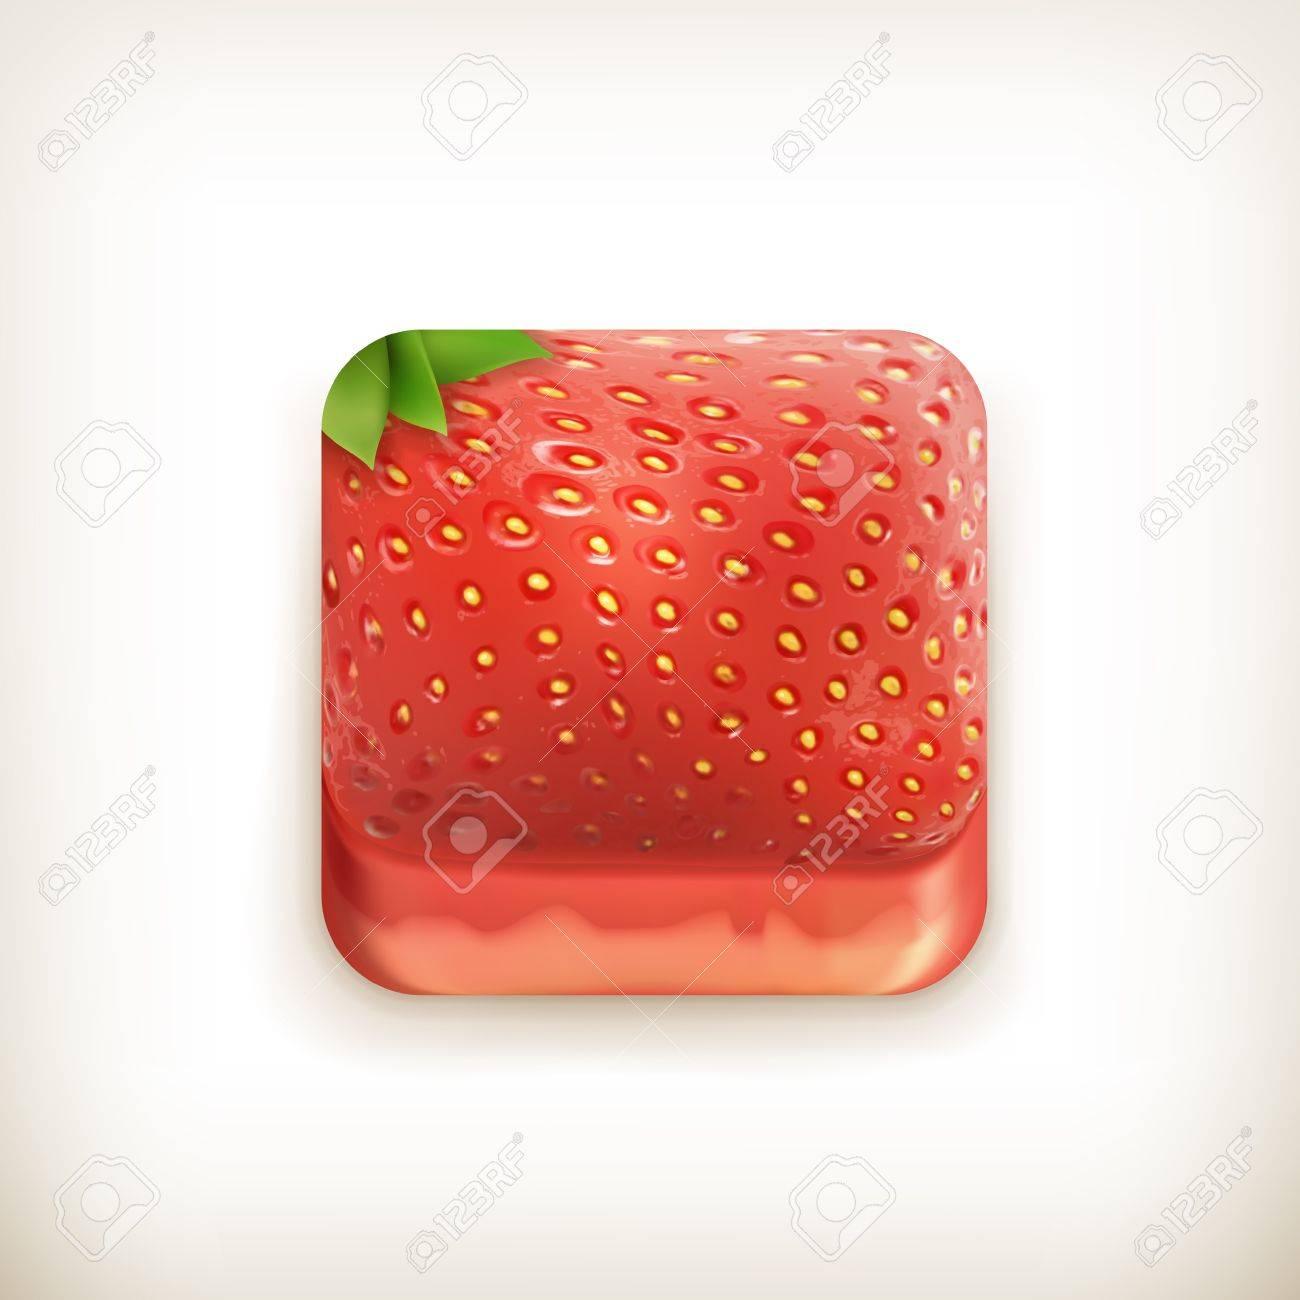 Strawberry app icon Stock Vector - 18825013